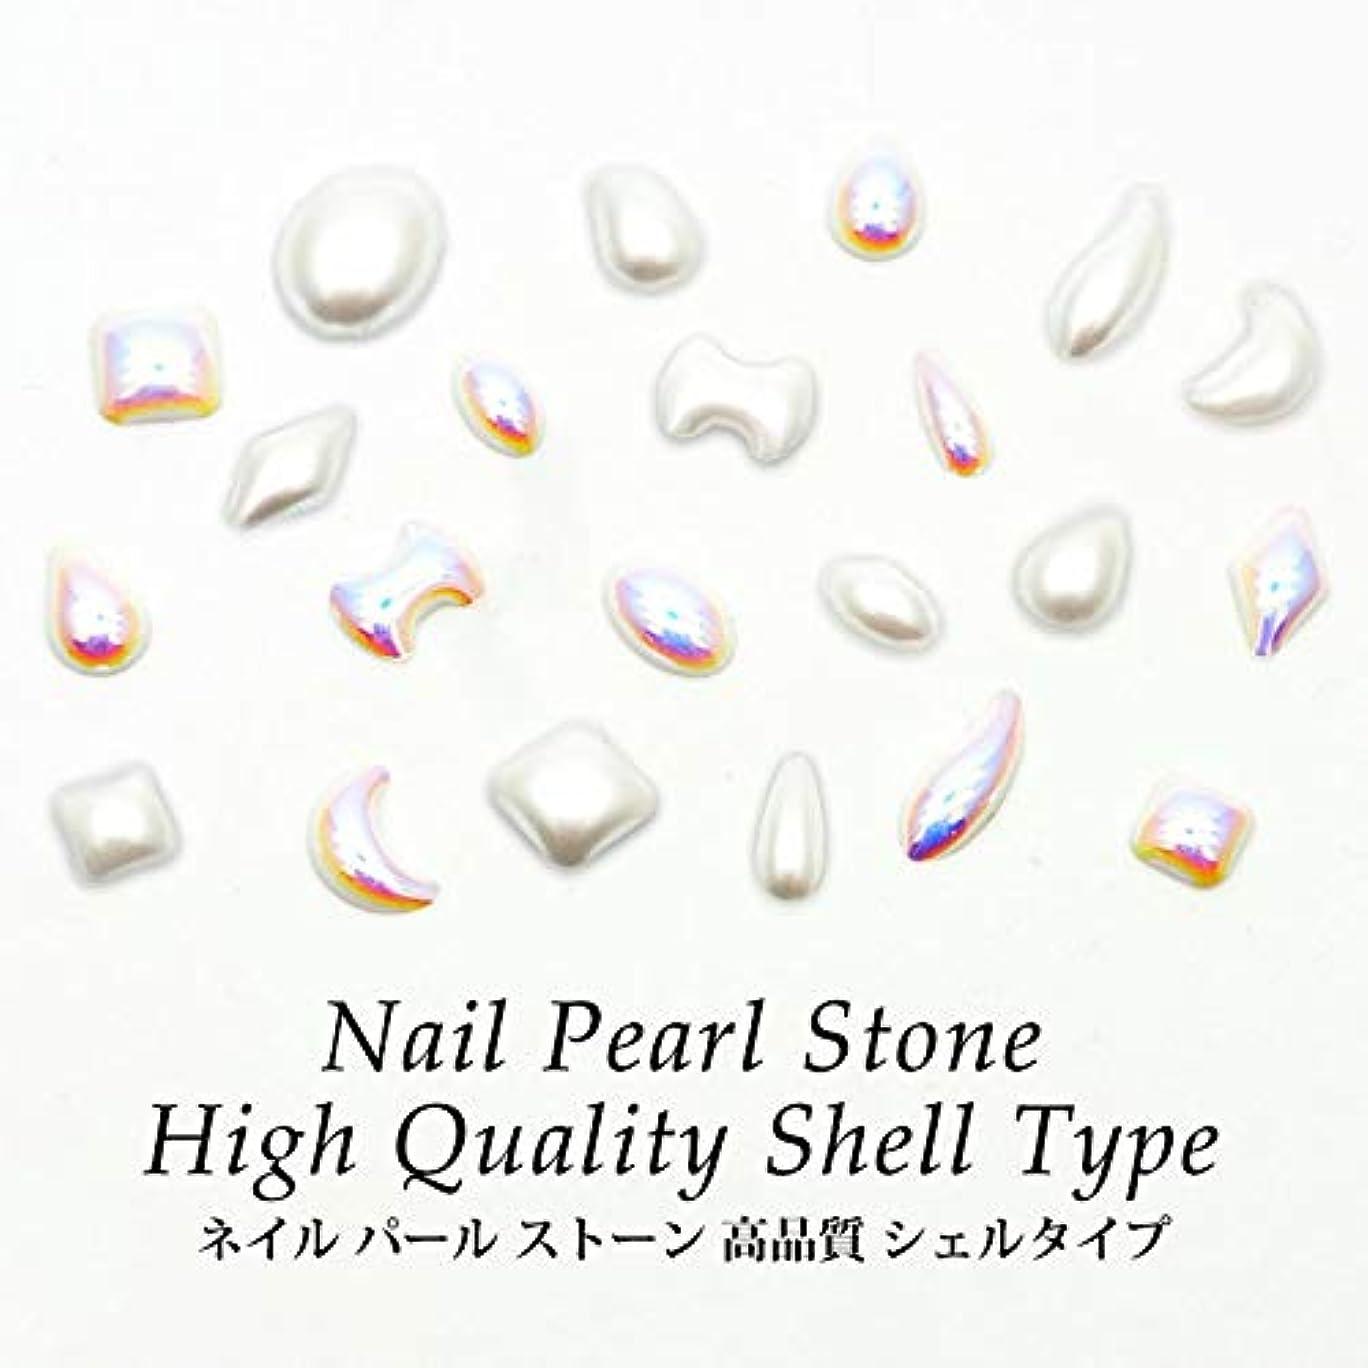 ログアンペア直感ネイル パール ストーン 高品質 シェルタイプ 各種 20個入り (6.オーバル(中) 約4mm×6mm, シェルホワイト)